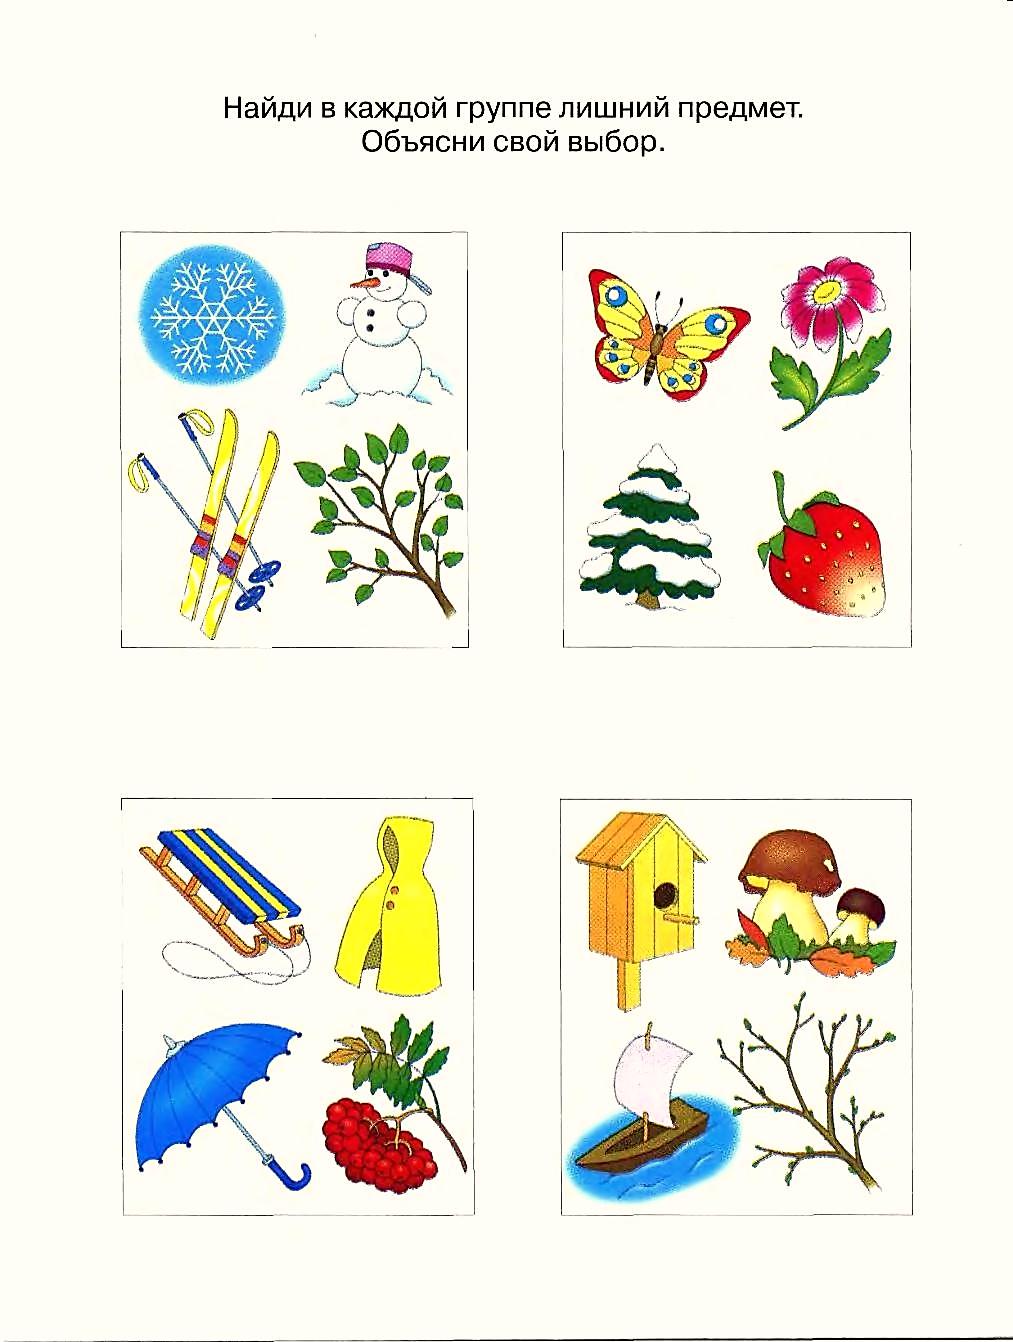 Картинки для развития внимания времена года